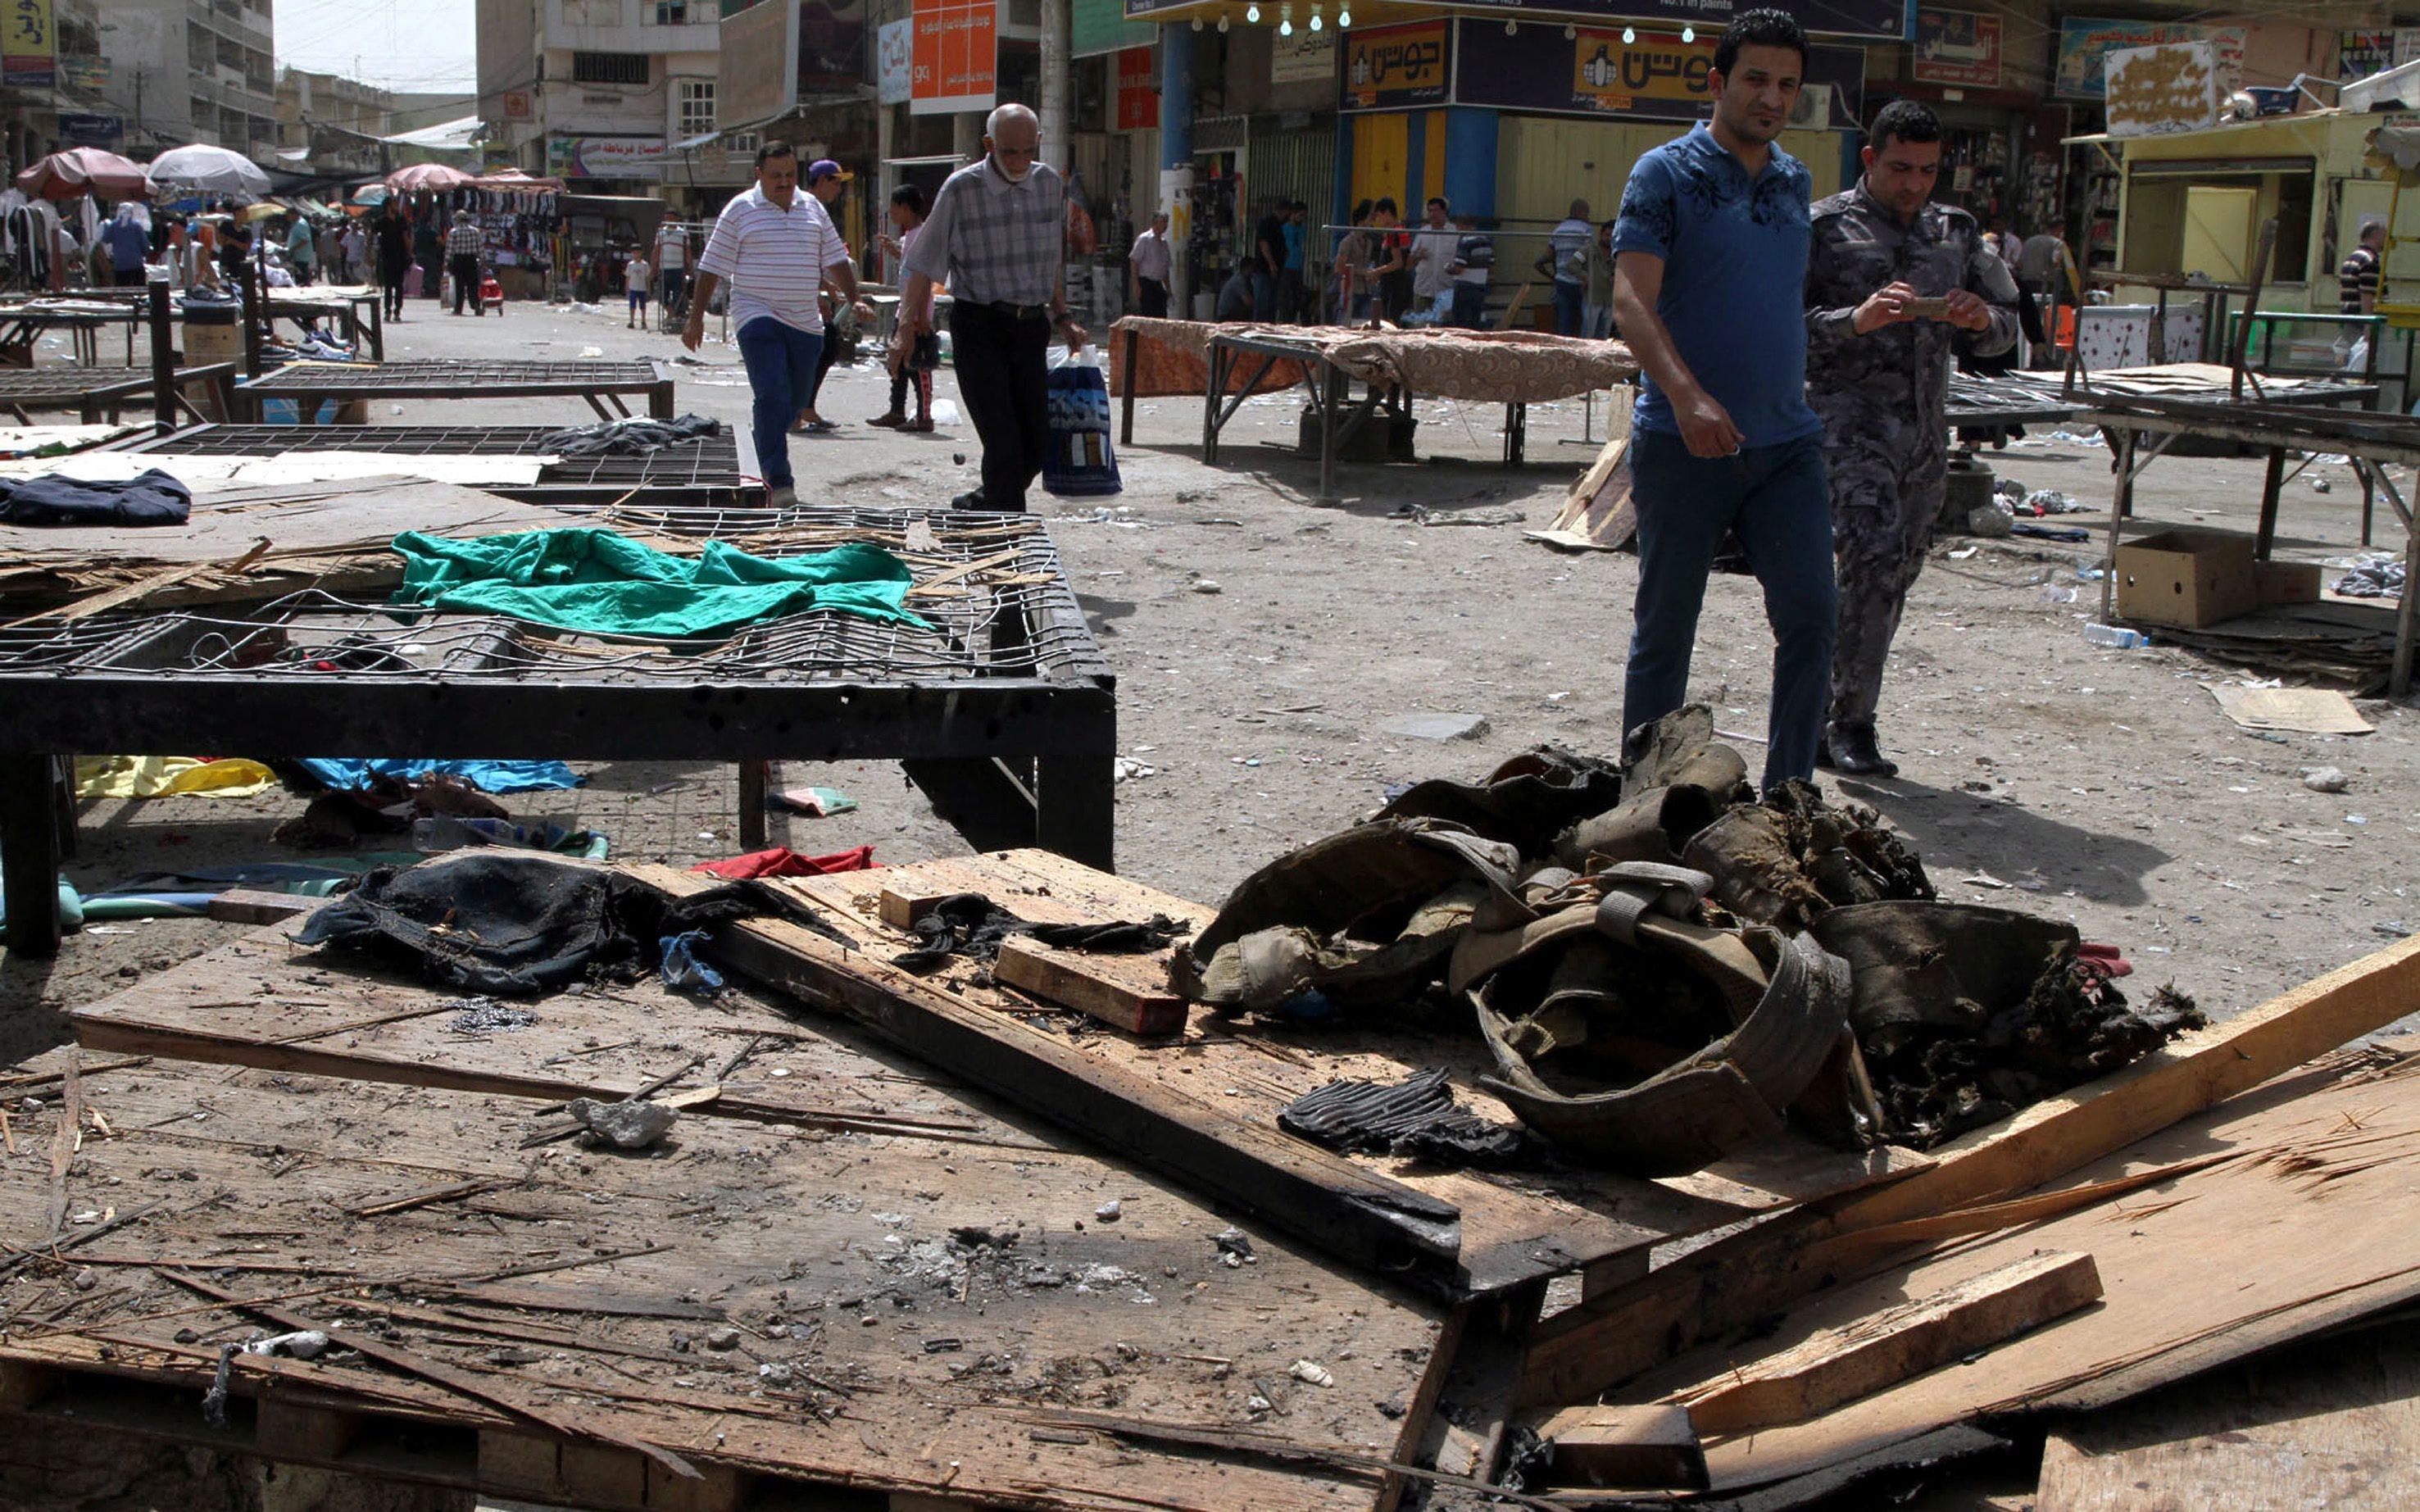 Cel putin 23 de persoane ucise si 68 de raniti, intr-un atentat in Bagdad. Exploziile sinucigase, revendicate de ISIS